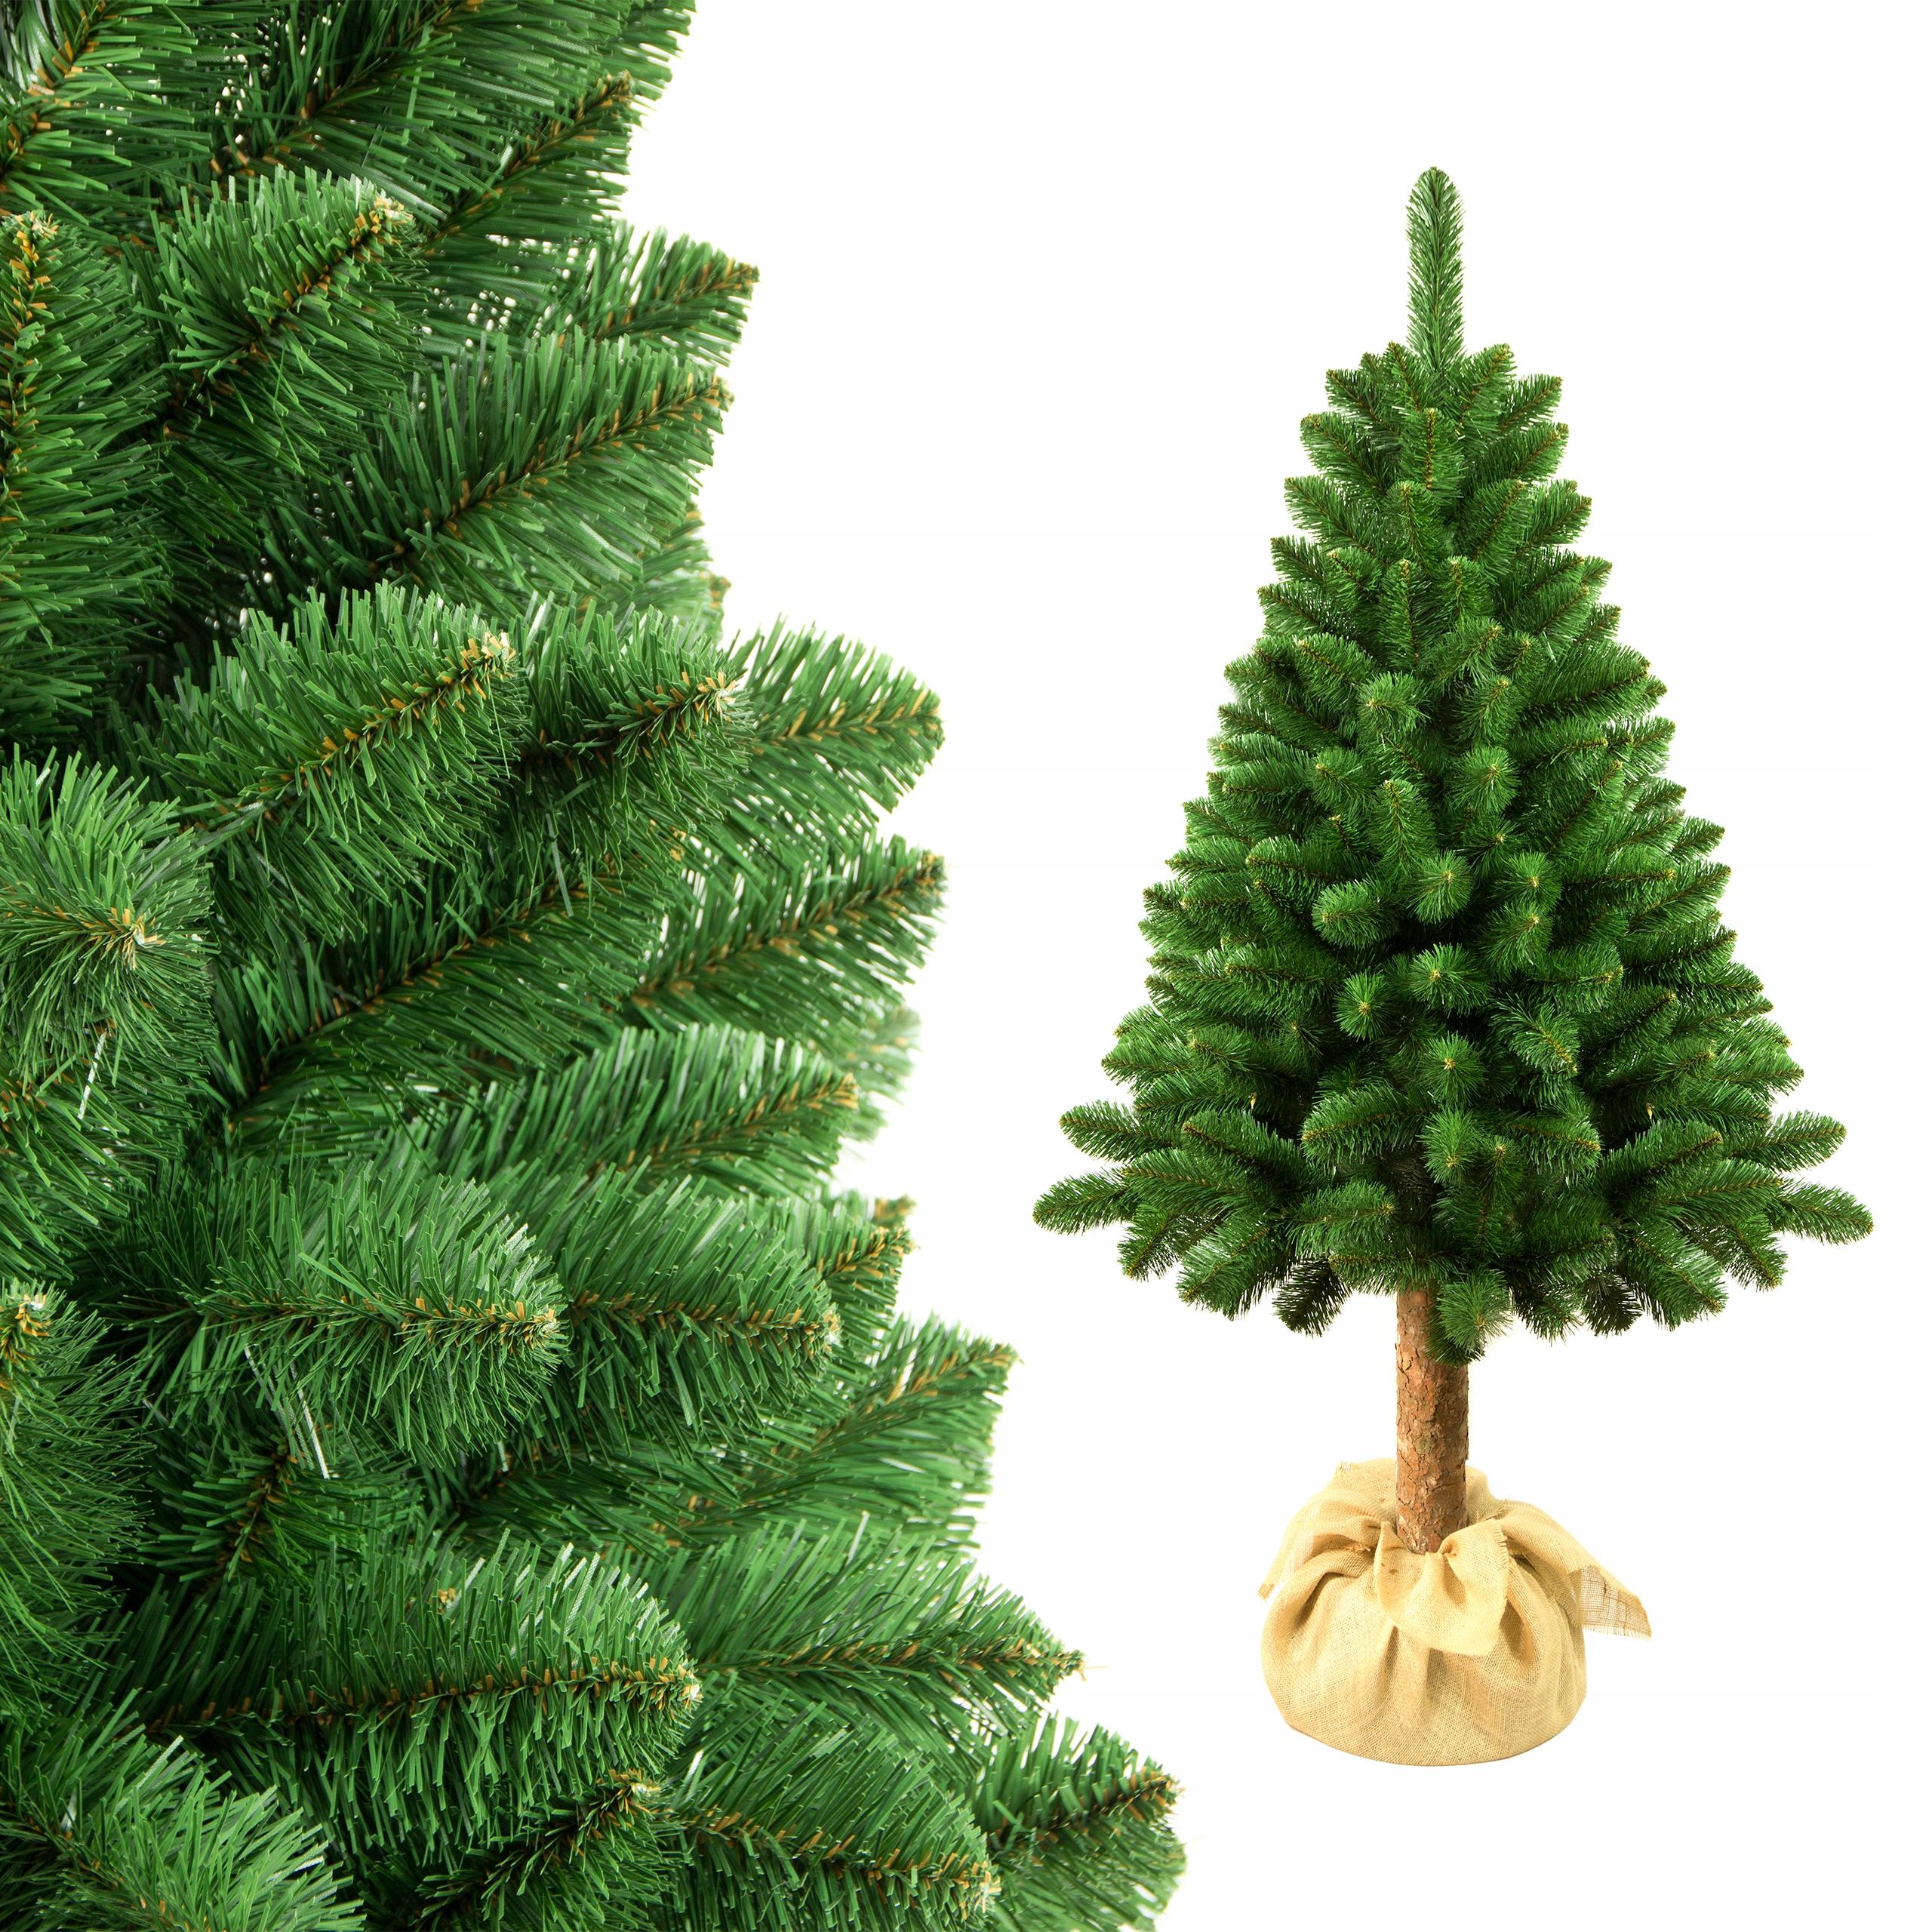 сосна или елка картинки